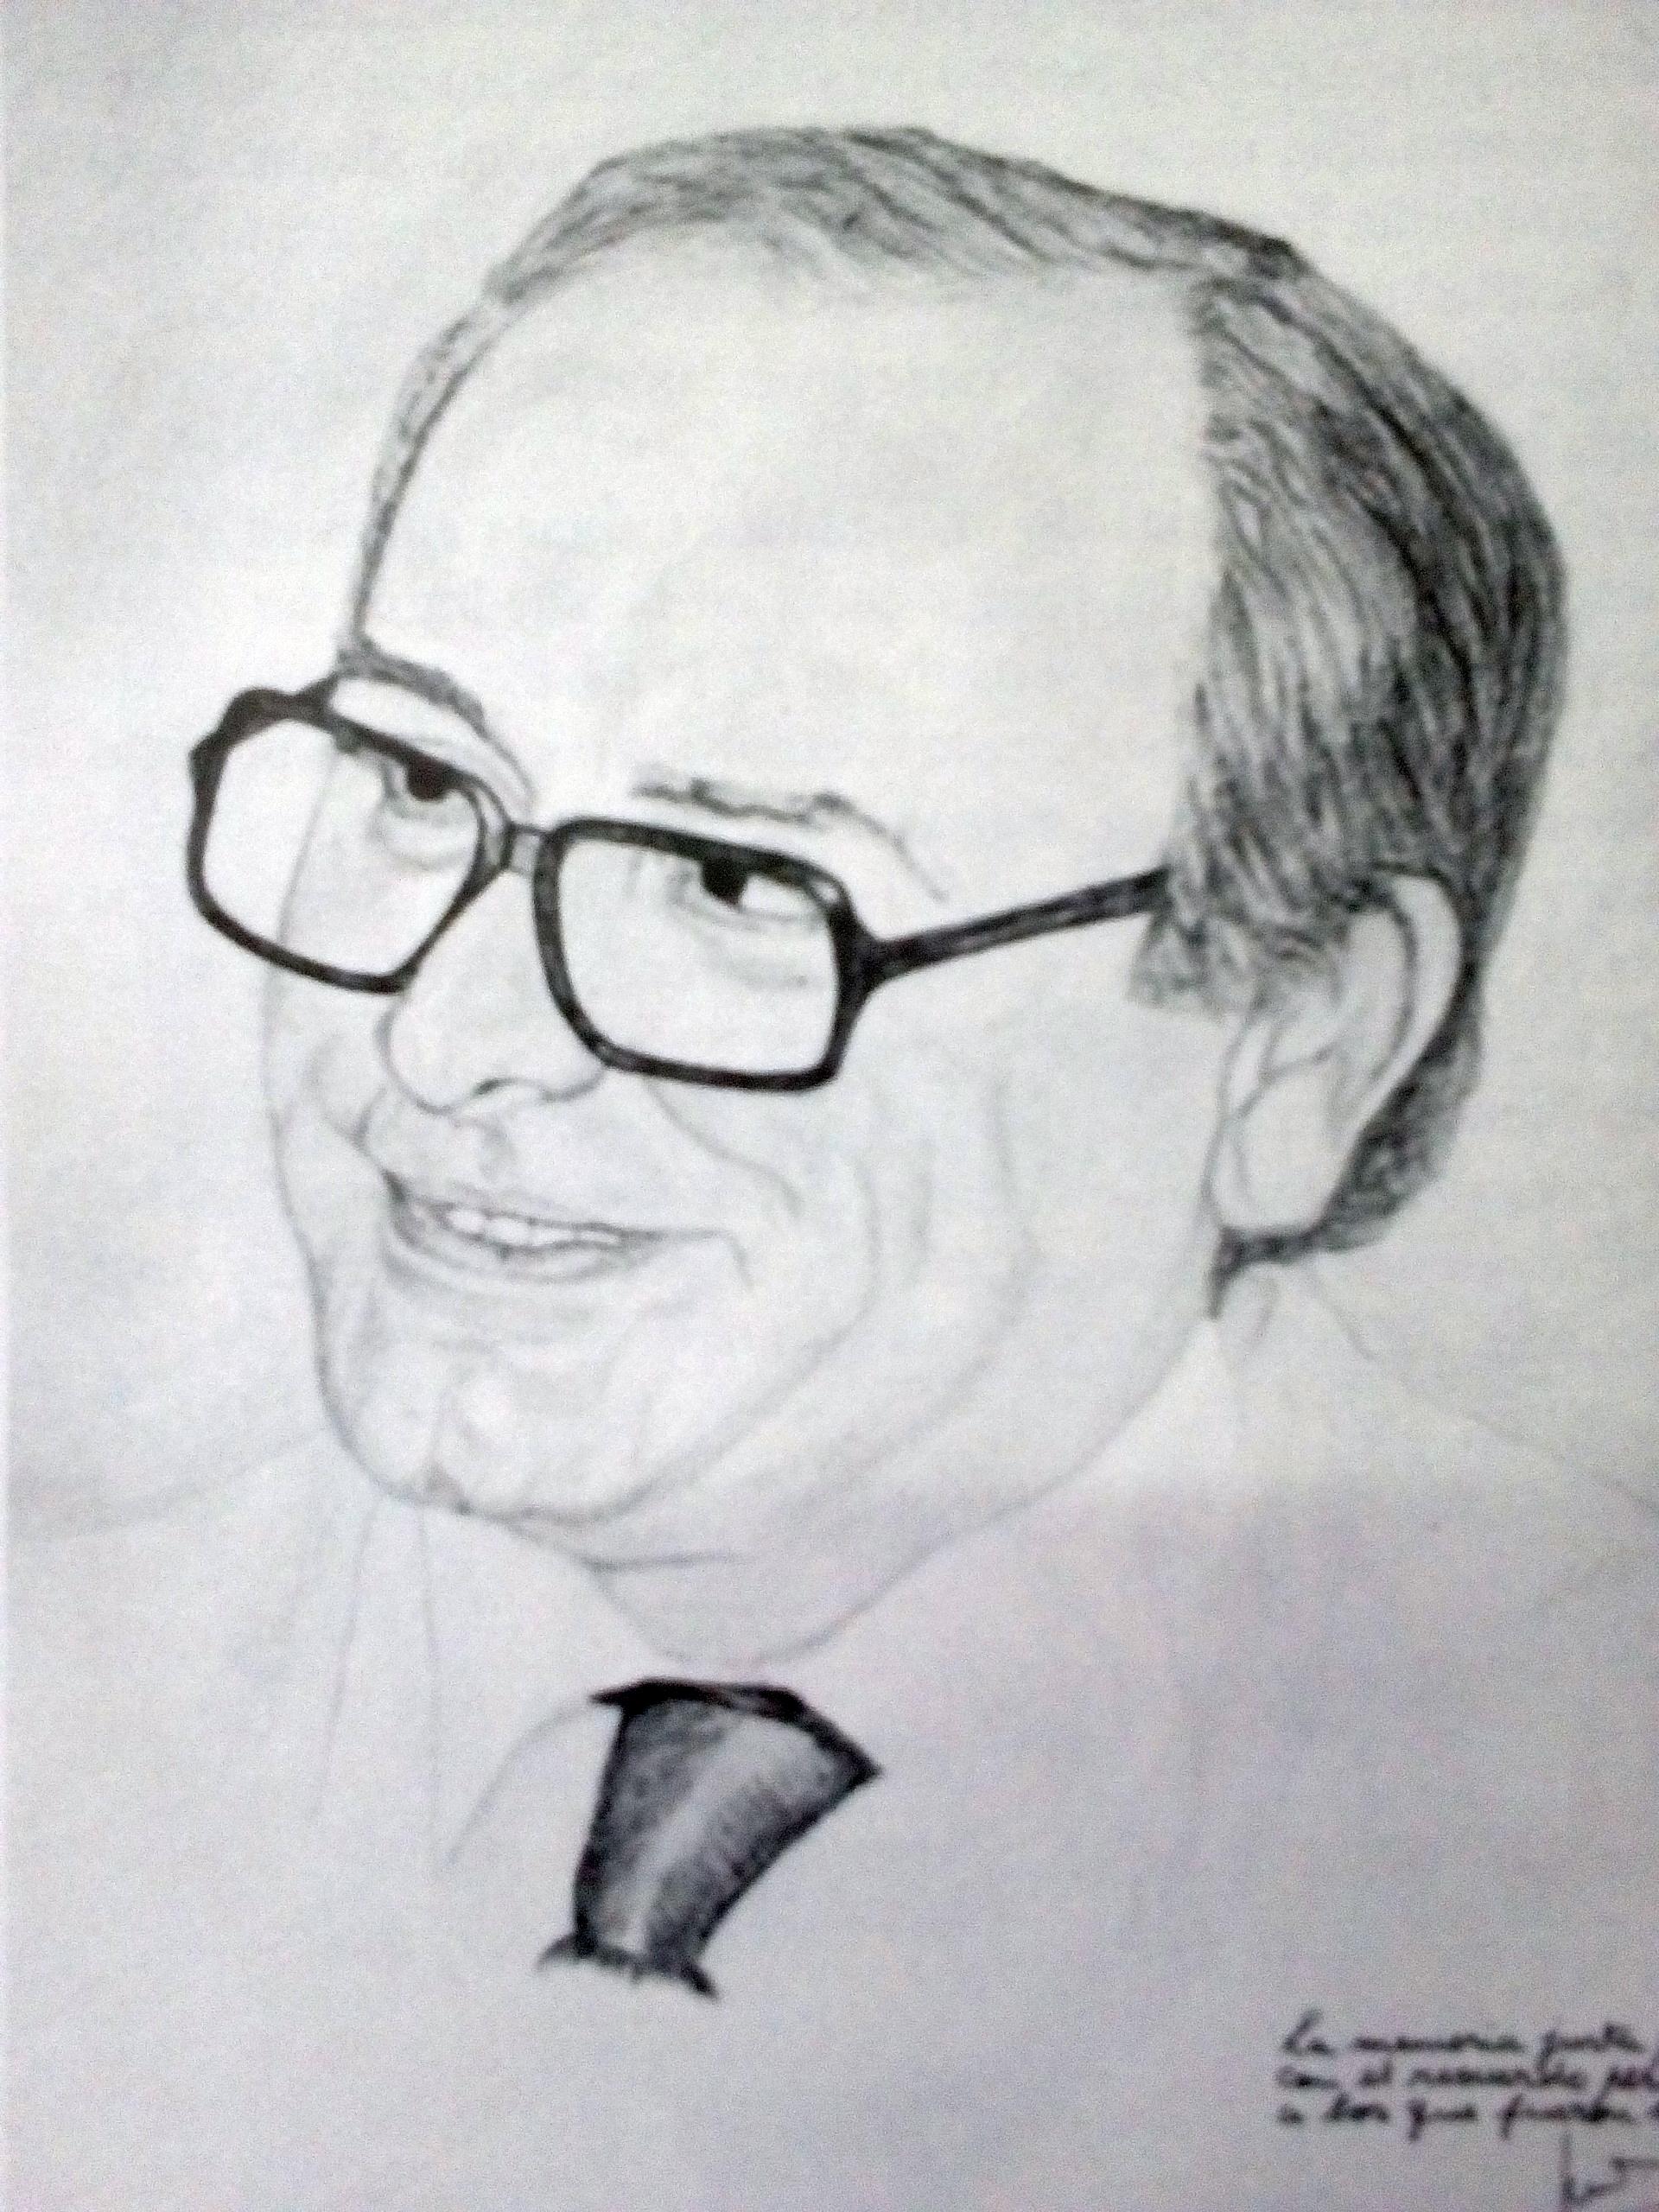 Un recuerdo para el Dr. Oscar Fragapane